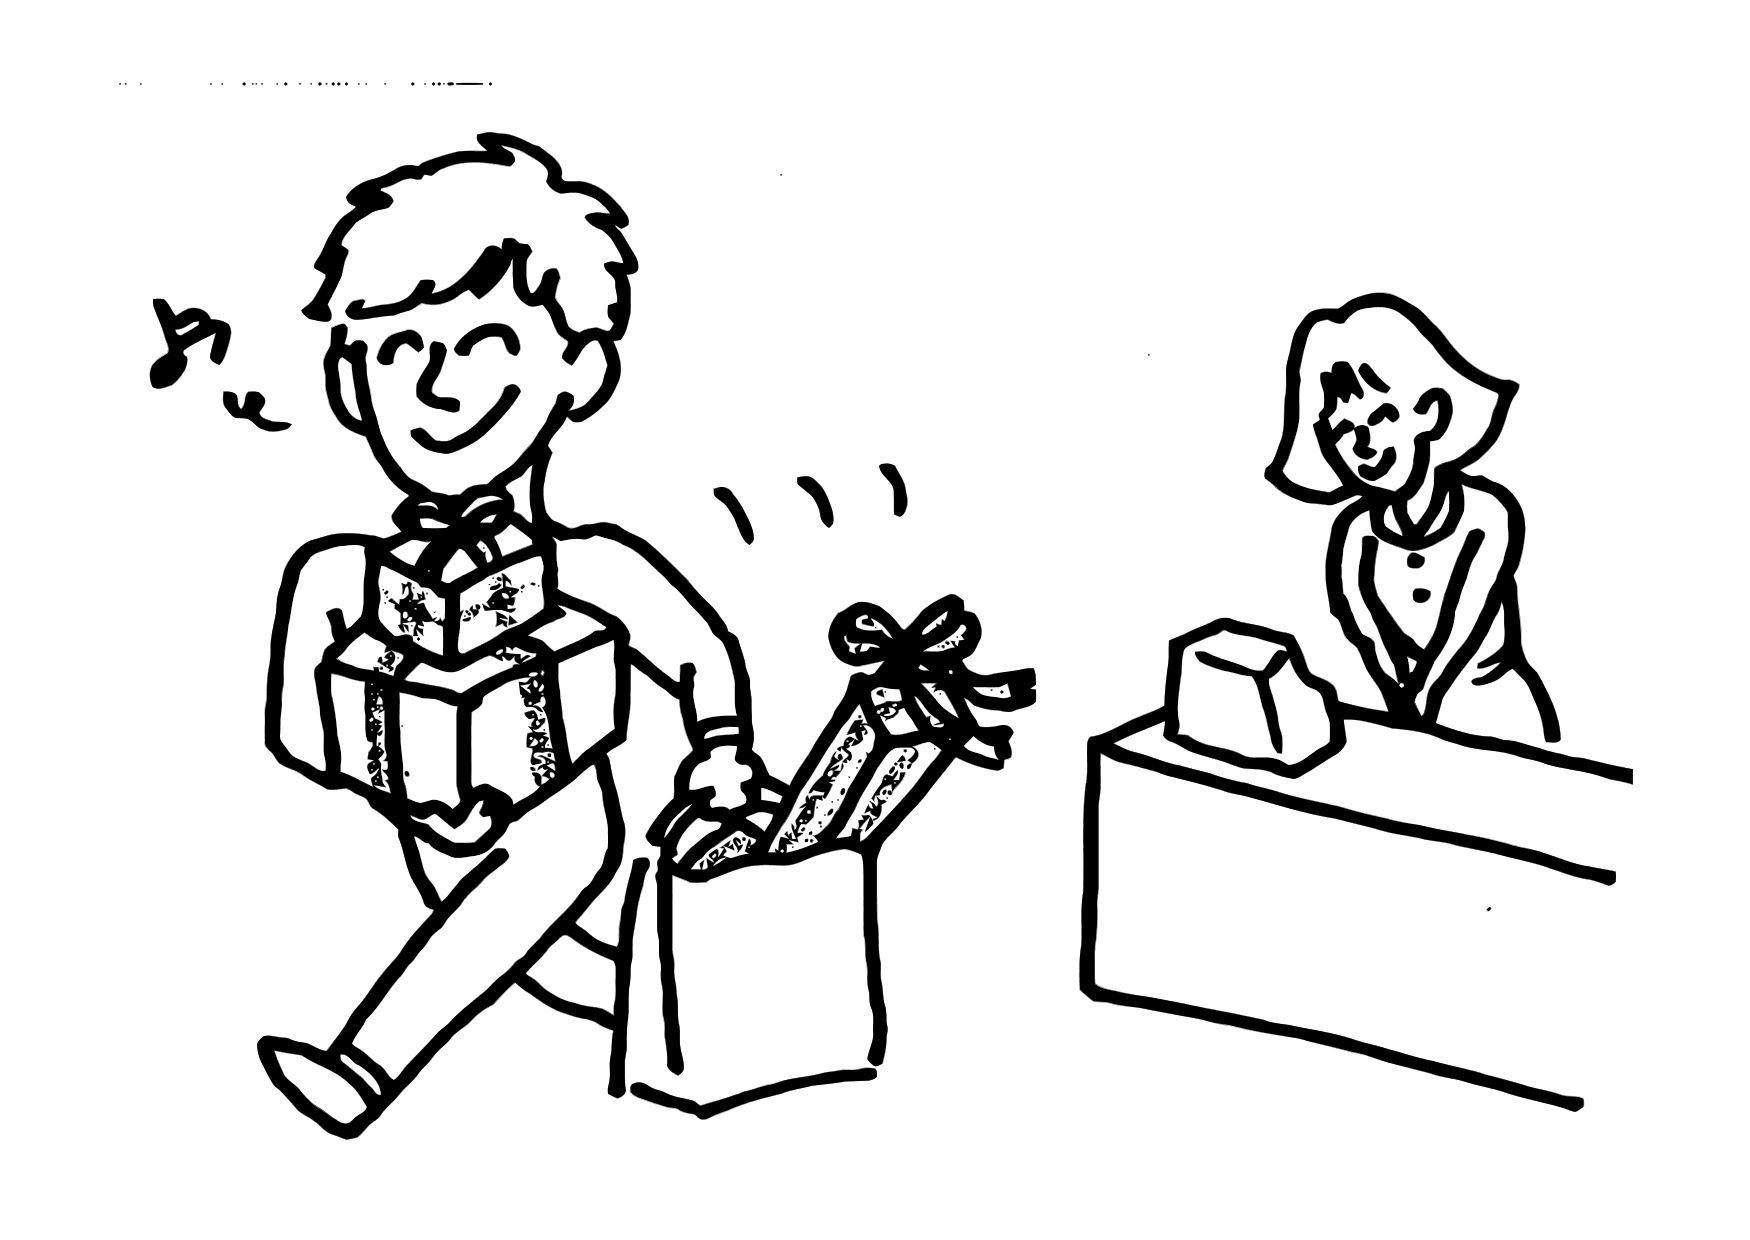 Malvorlage Geschenk | Ausmalbild 12151.